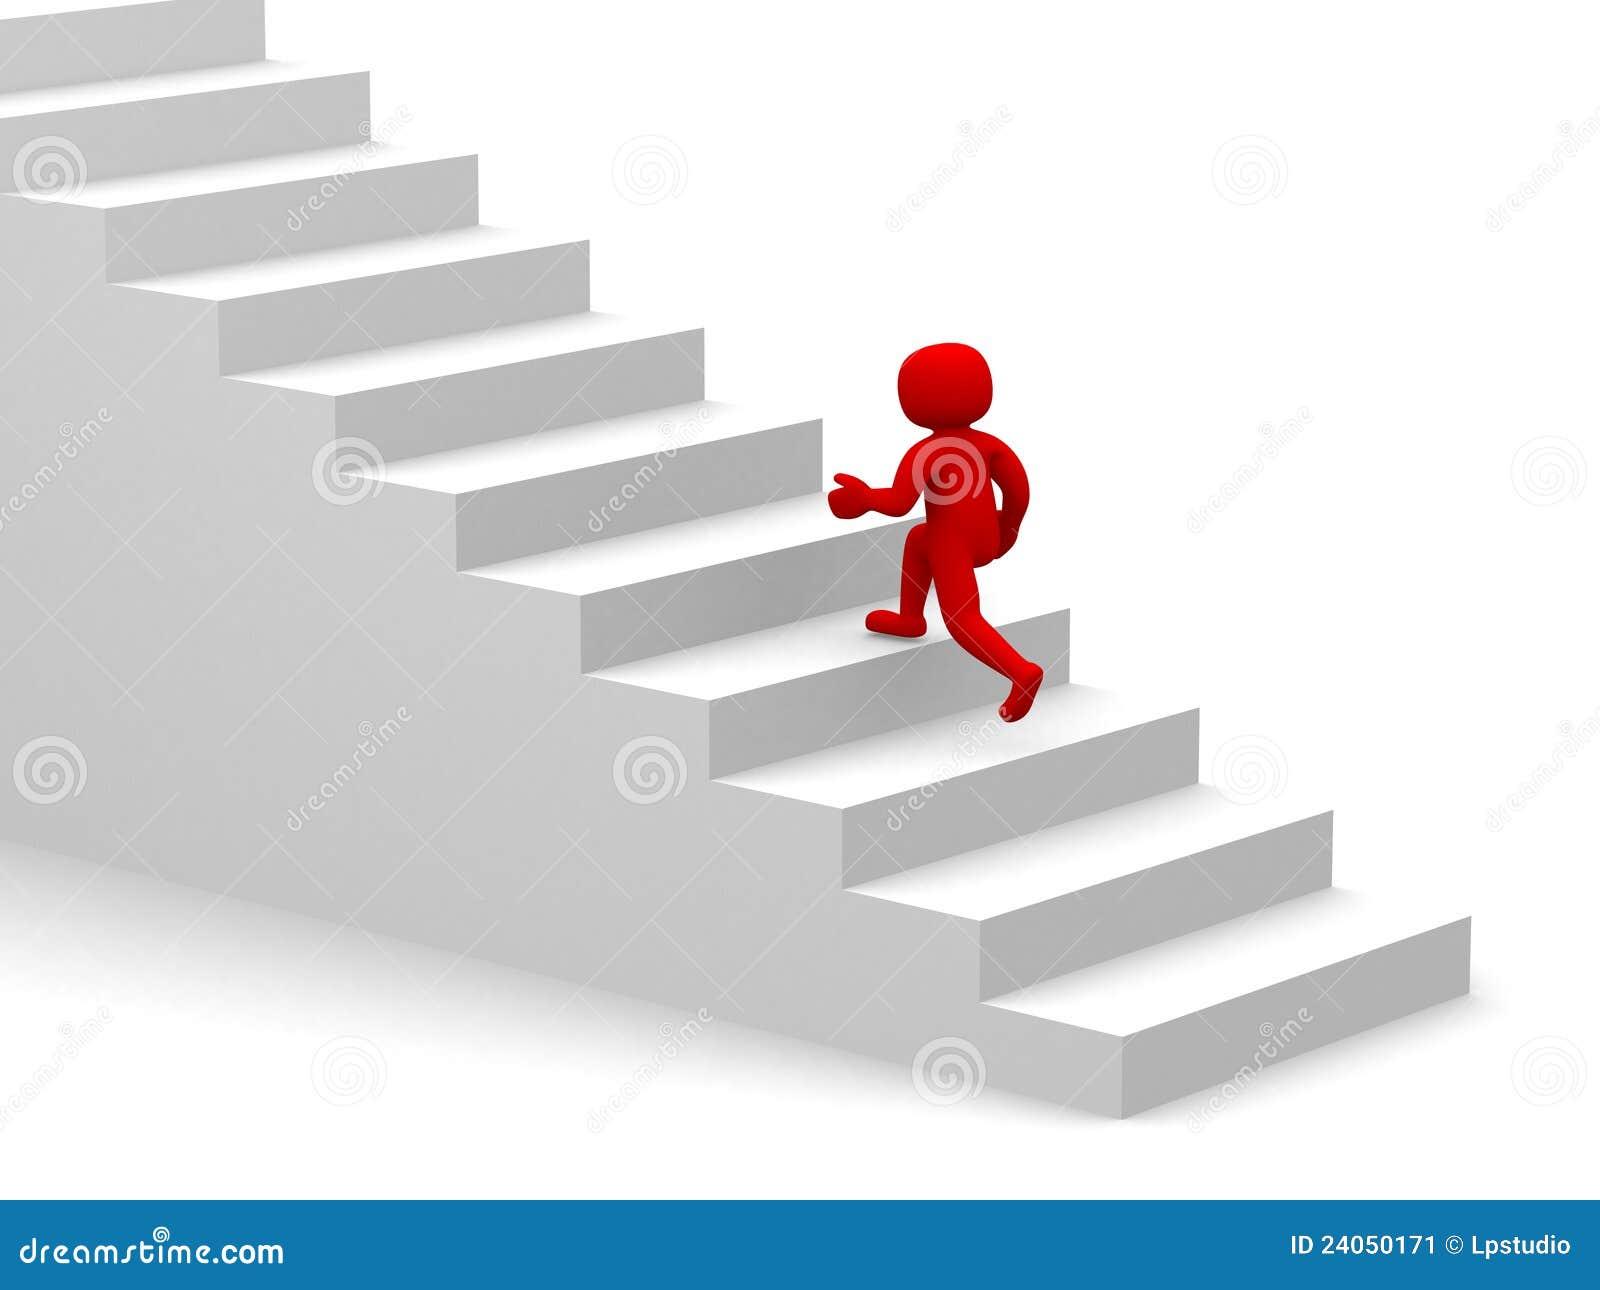 Student climbing ladder - magiel.info for Student Climbing Ladder  195sfw